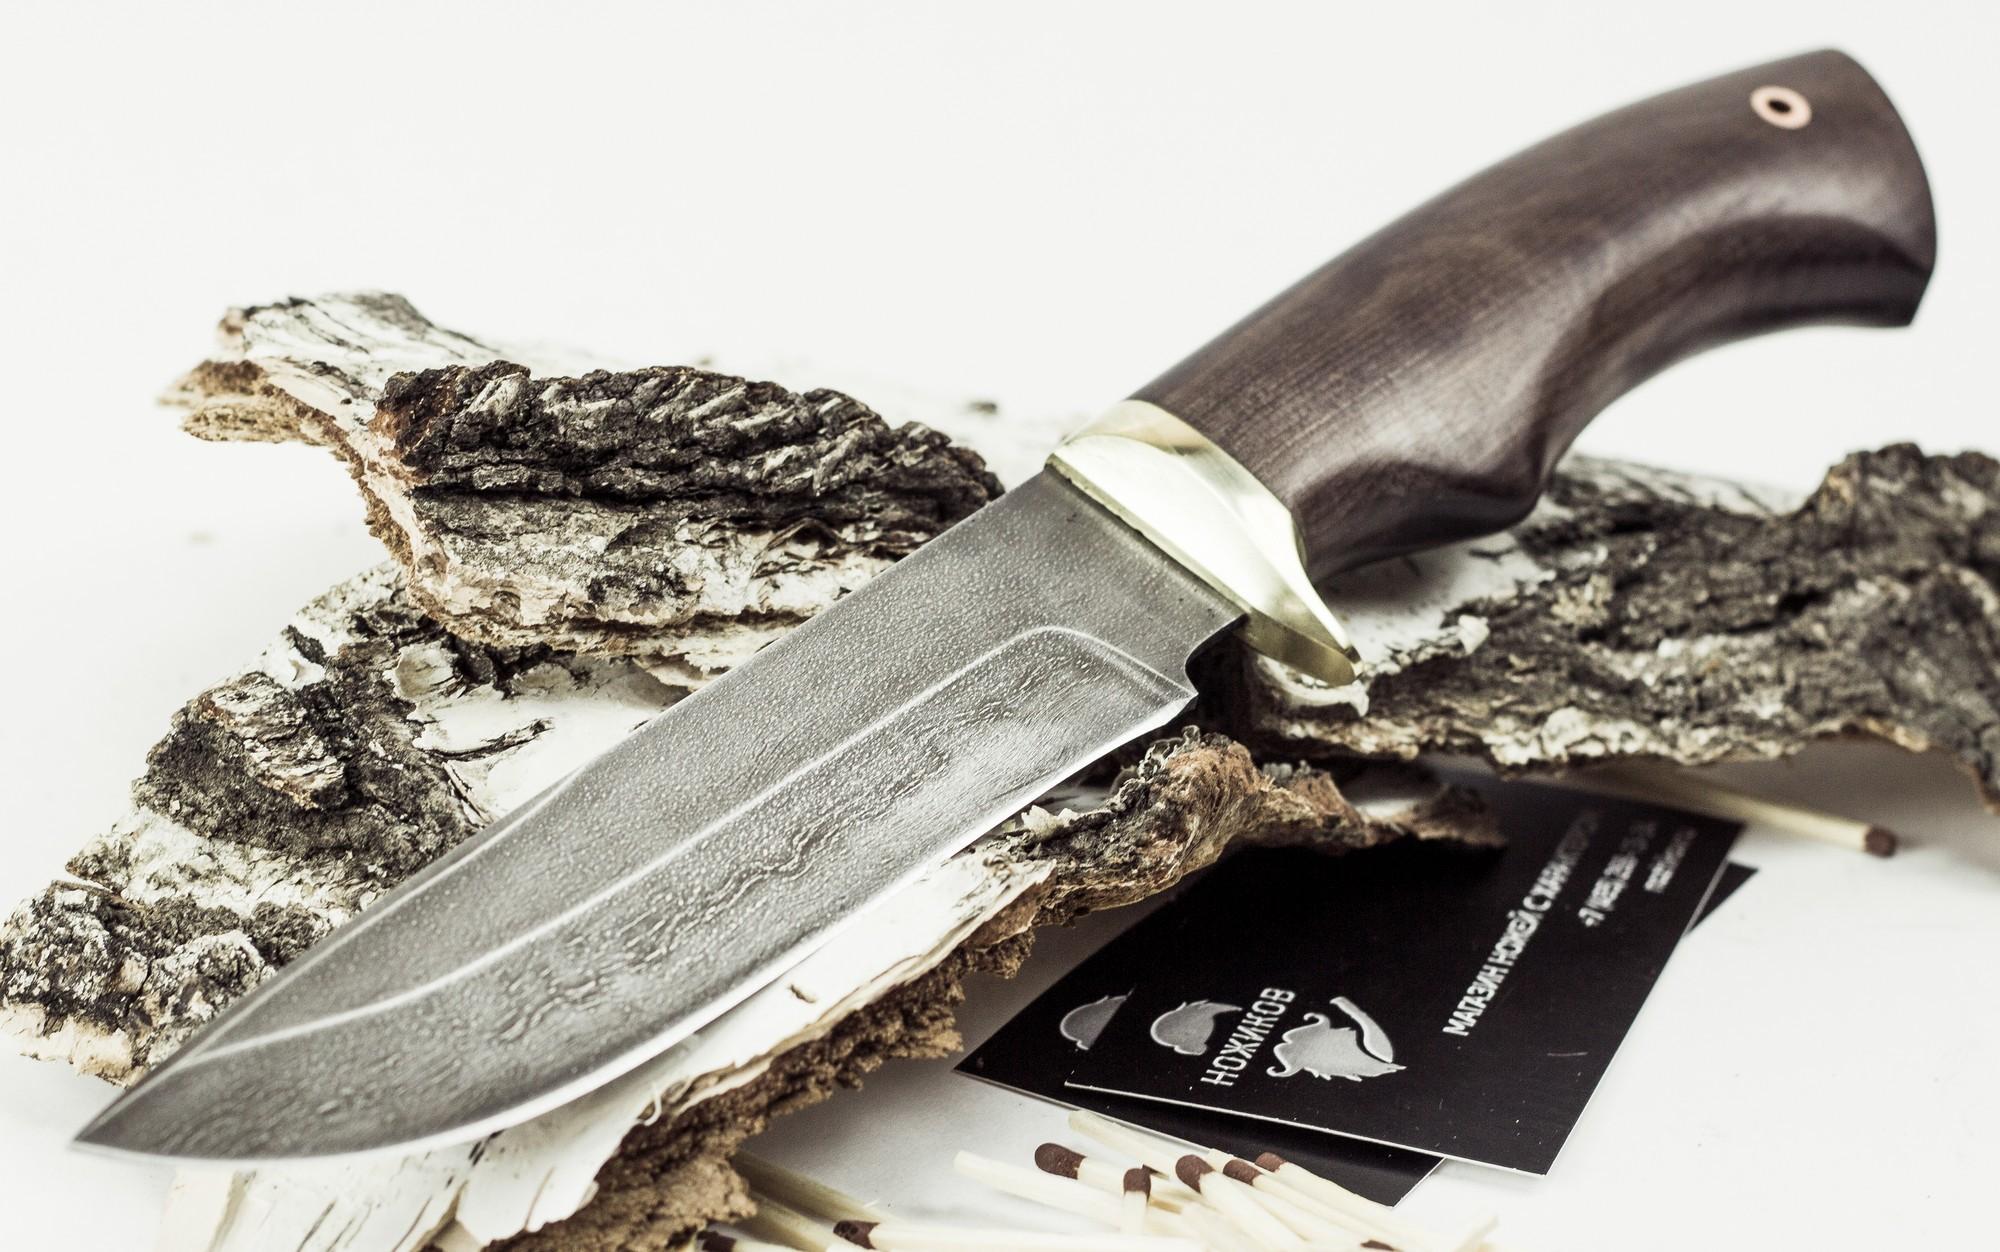 Фото 14 - Нож Викинг-2, ХВ5 от Промтехснаб